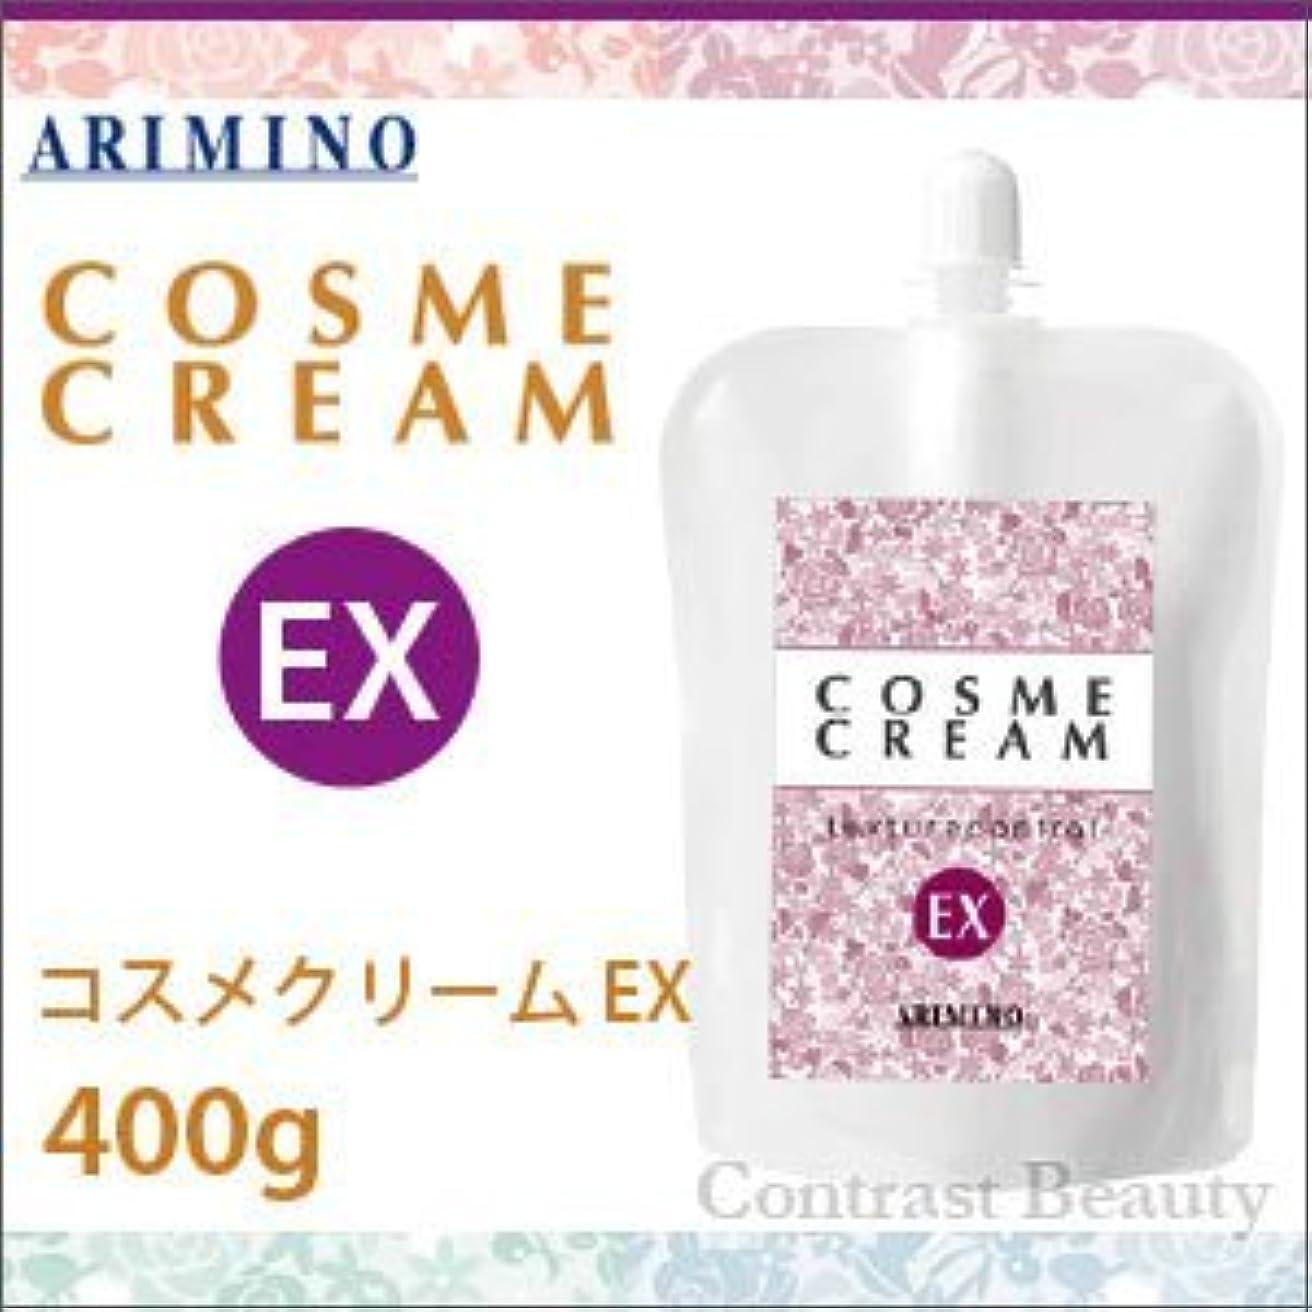 ポットウミウシもっともらしいアリミノ コスメクリーム EX 400g